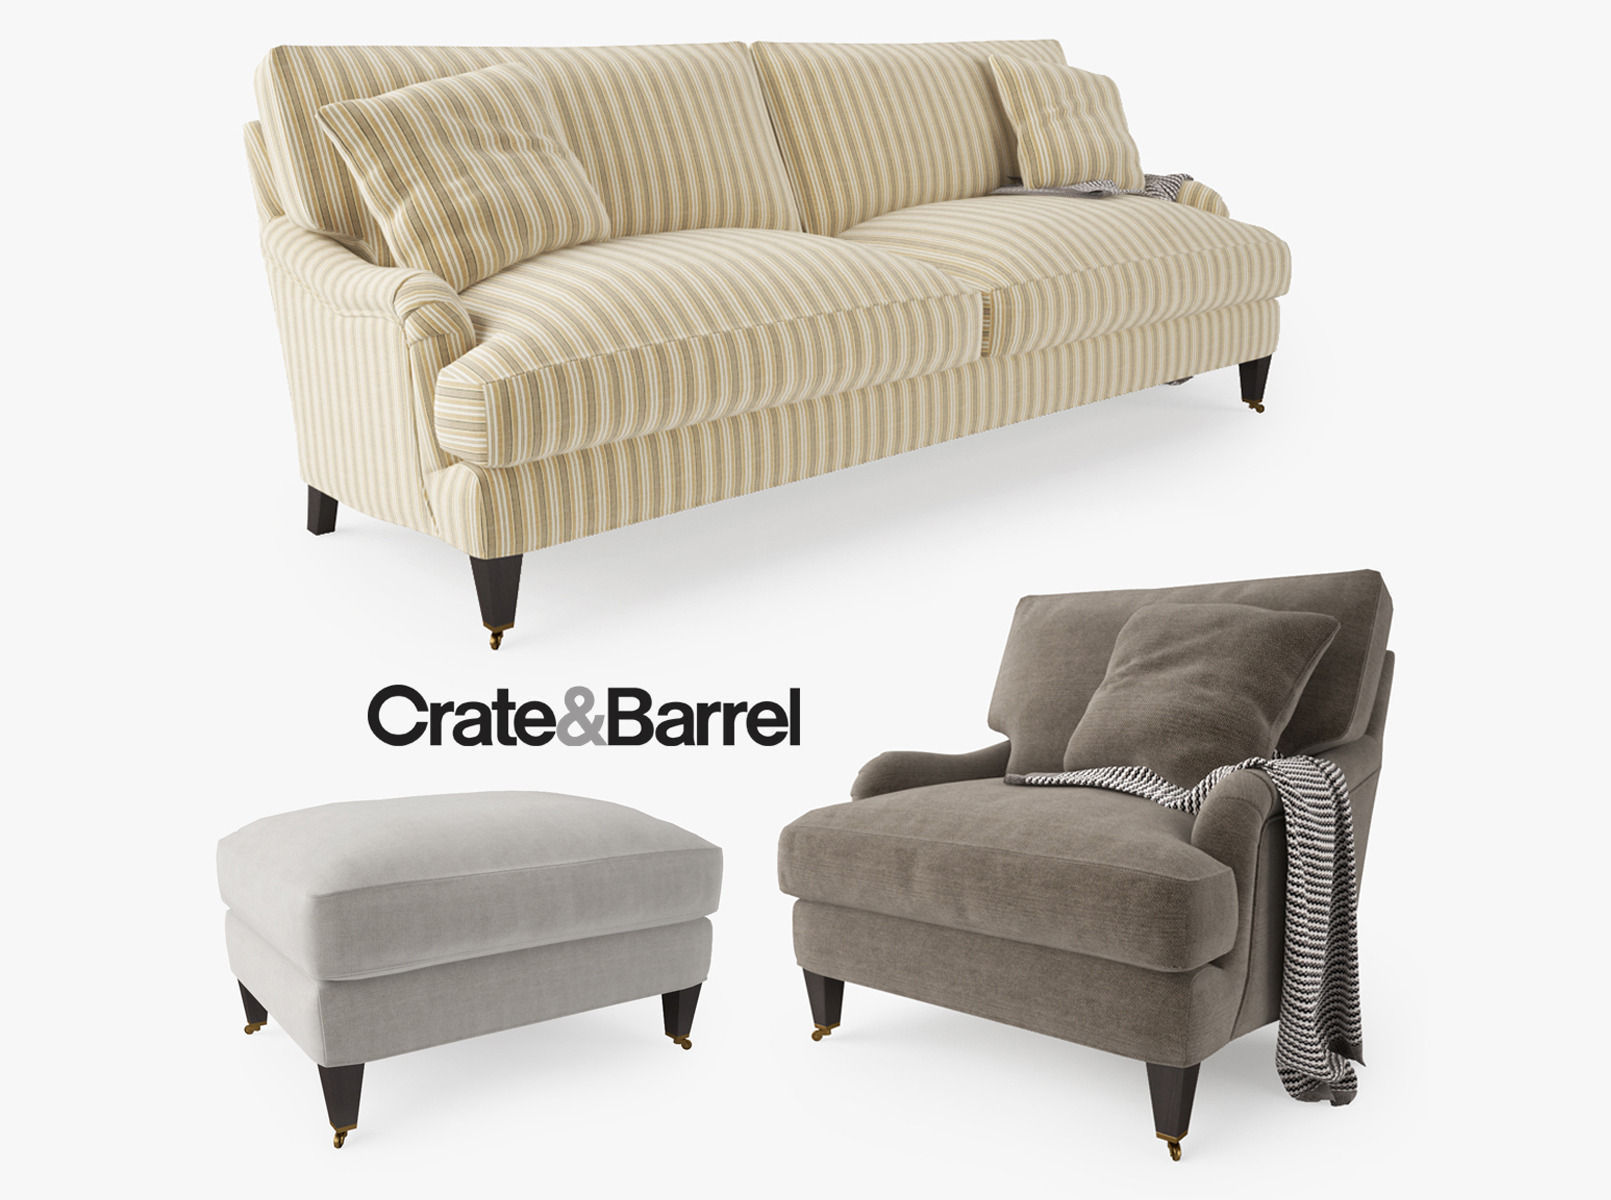 Crate And Barrel Essex Sofa Collection 3d Model Max Obj Mtl Fbx 1 ...